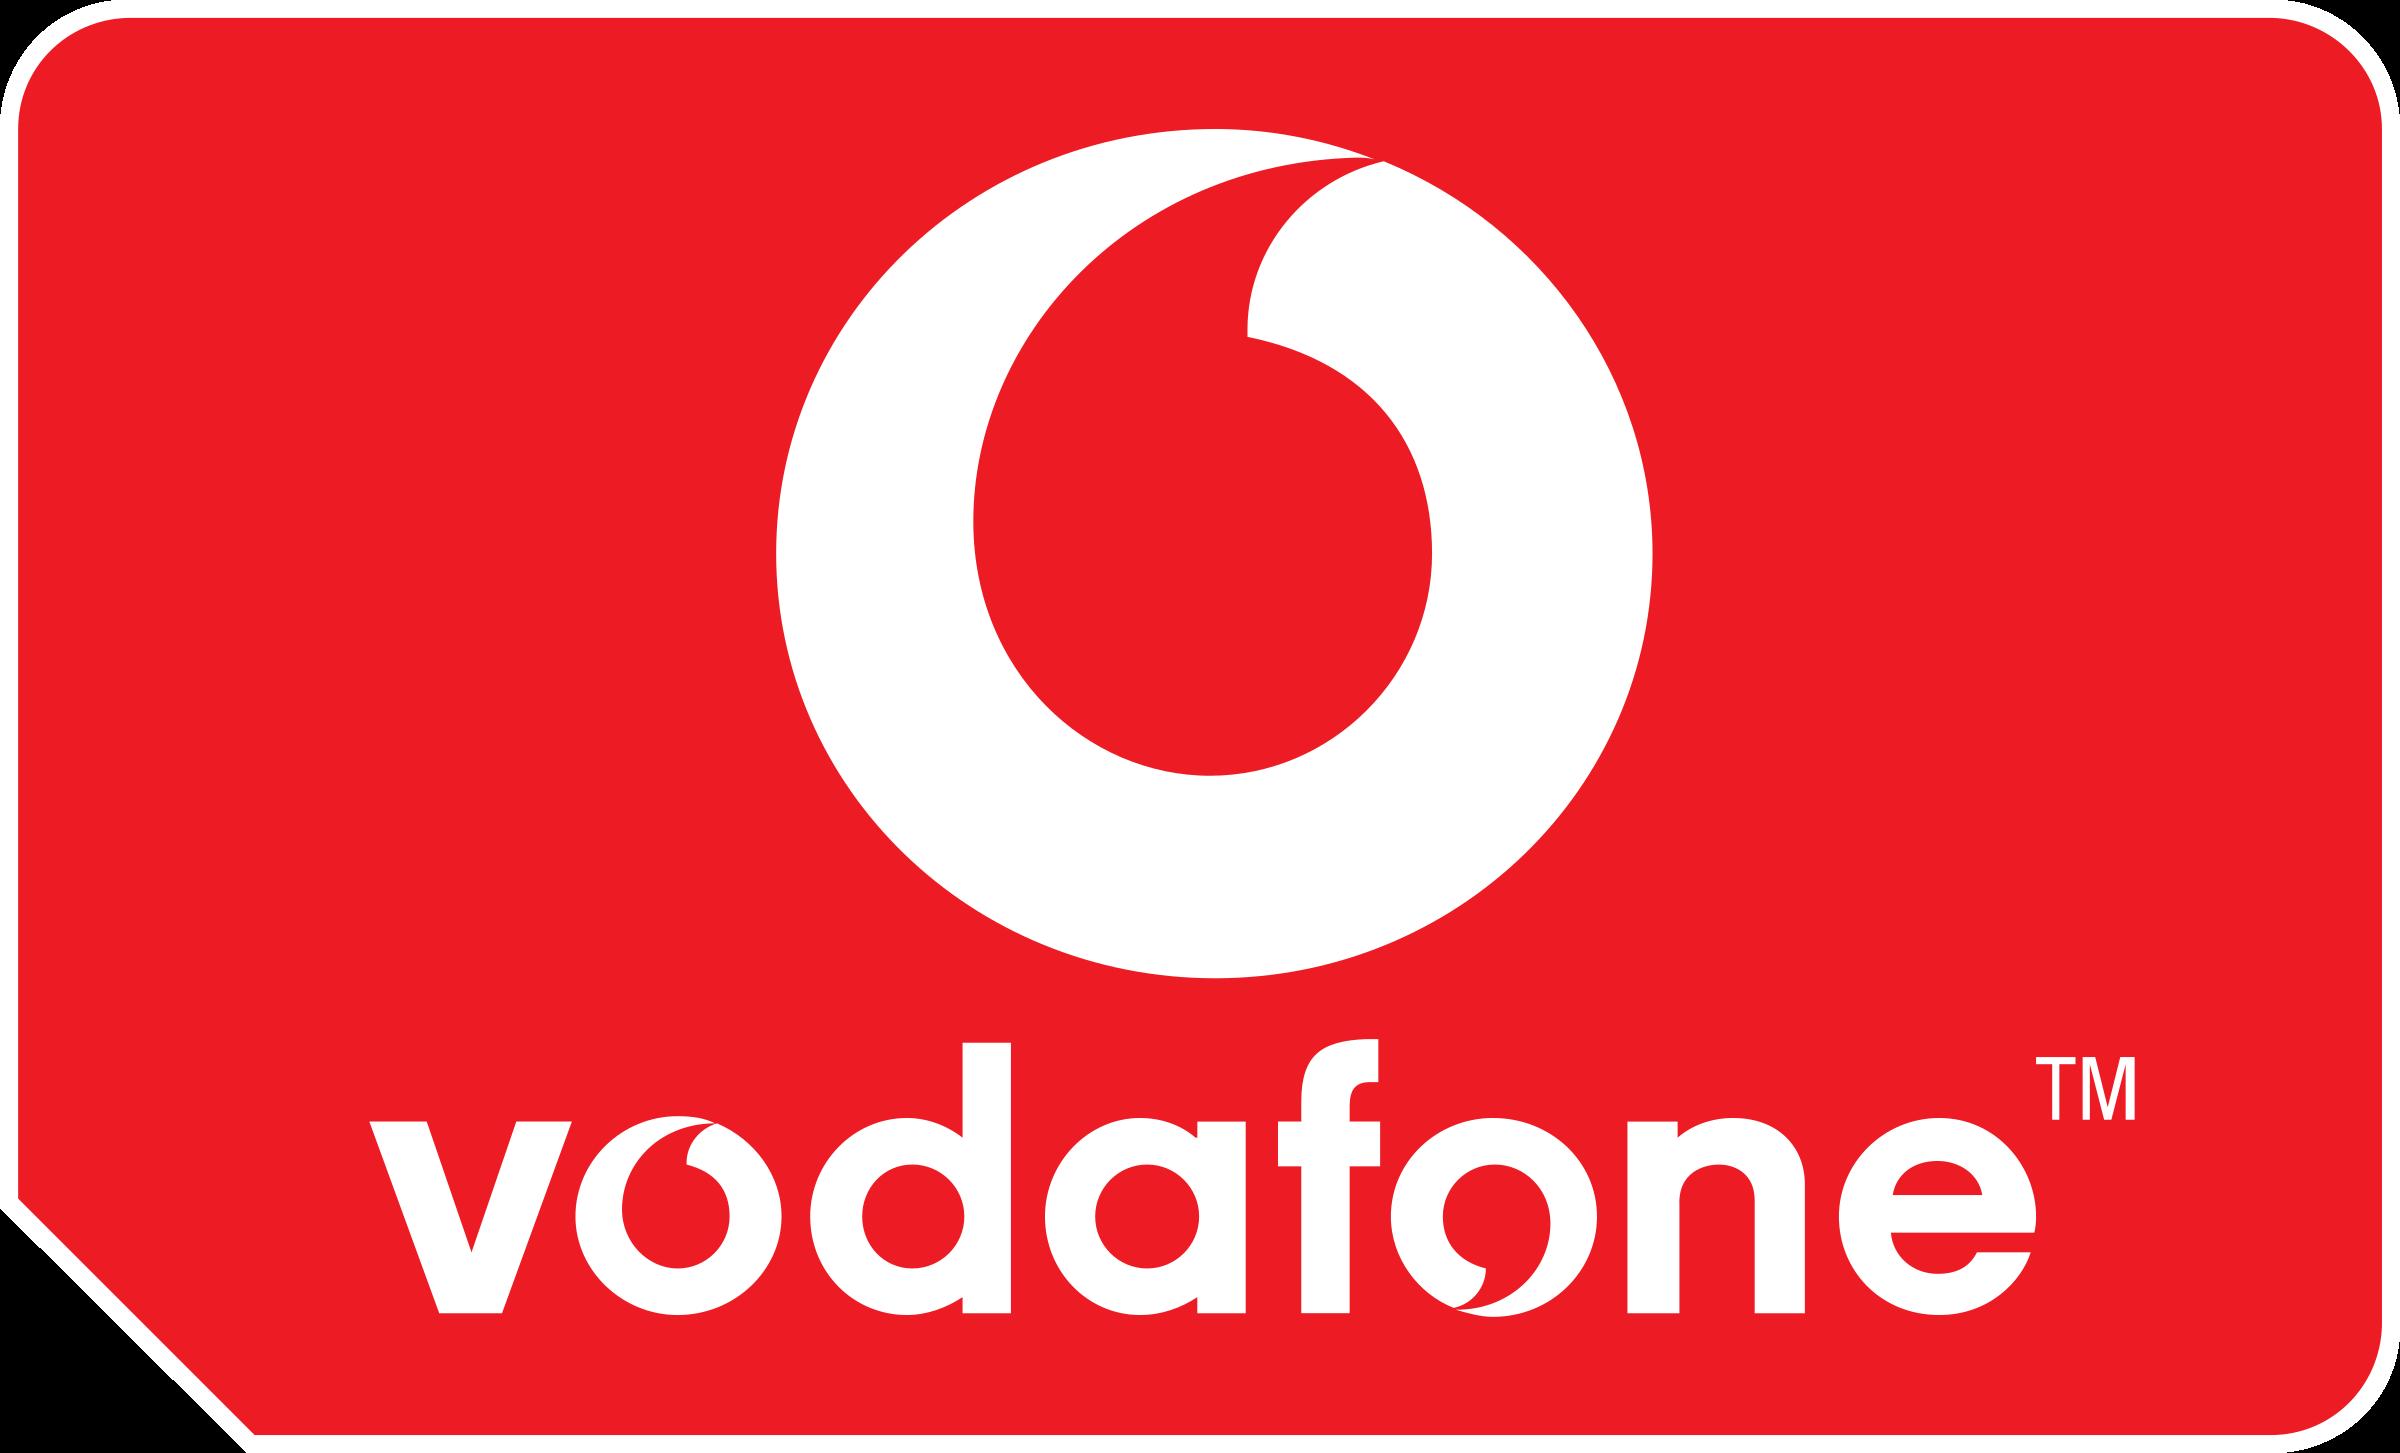 Vodafone SIM Logo PNG Transparent & SVG Vector.